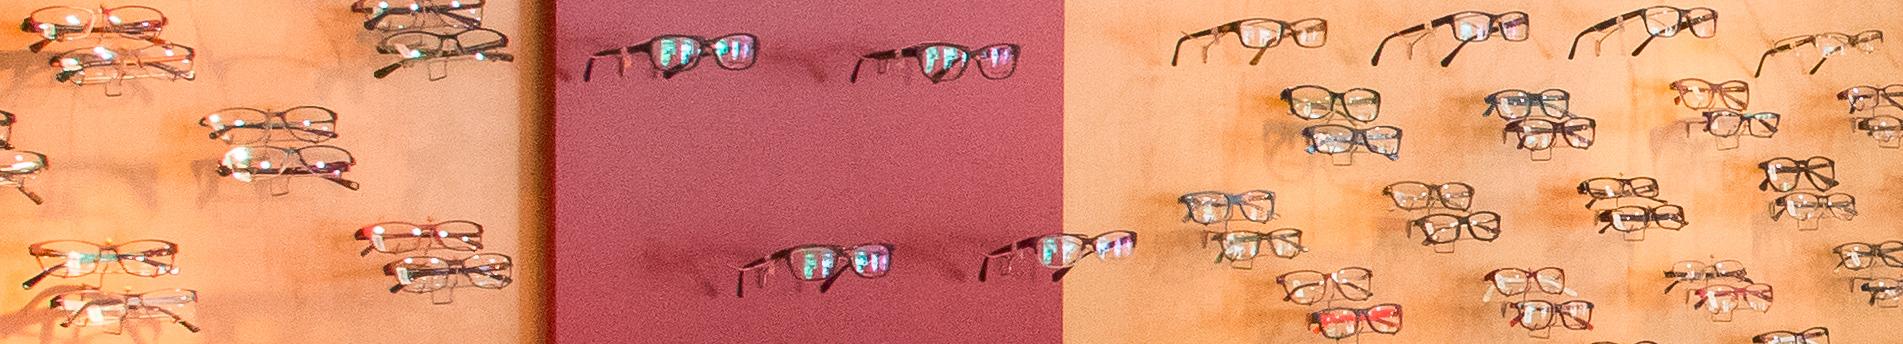 Brillenmode - Brillen, Sonnenbrillen, Kinderbrillen und ...